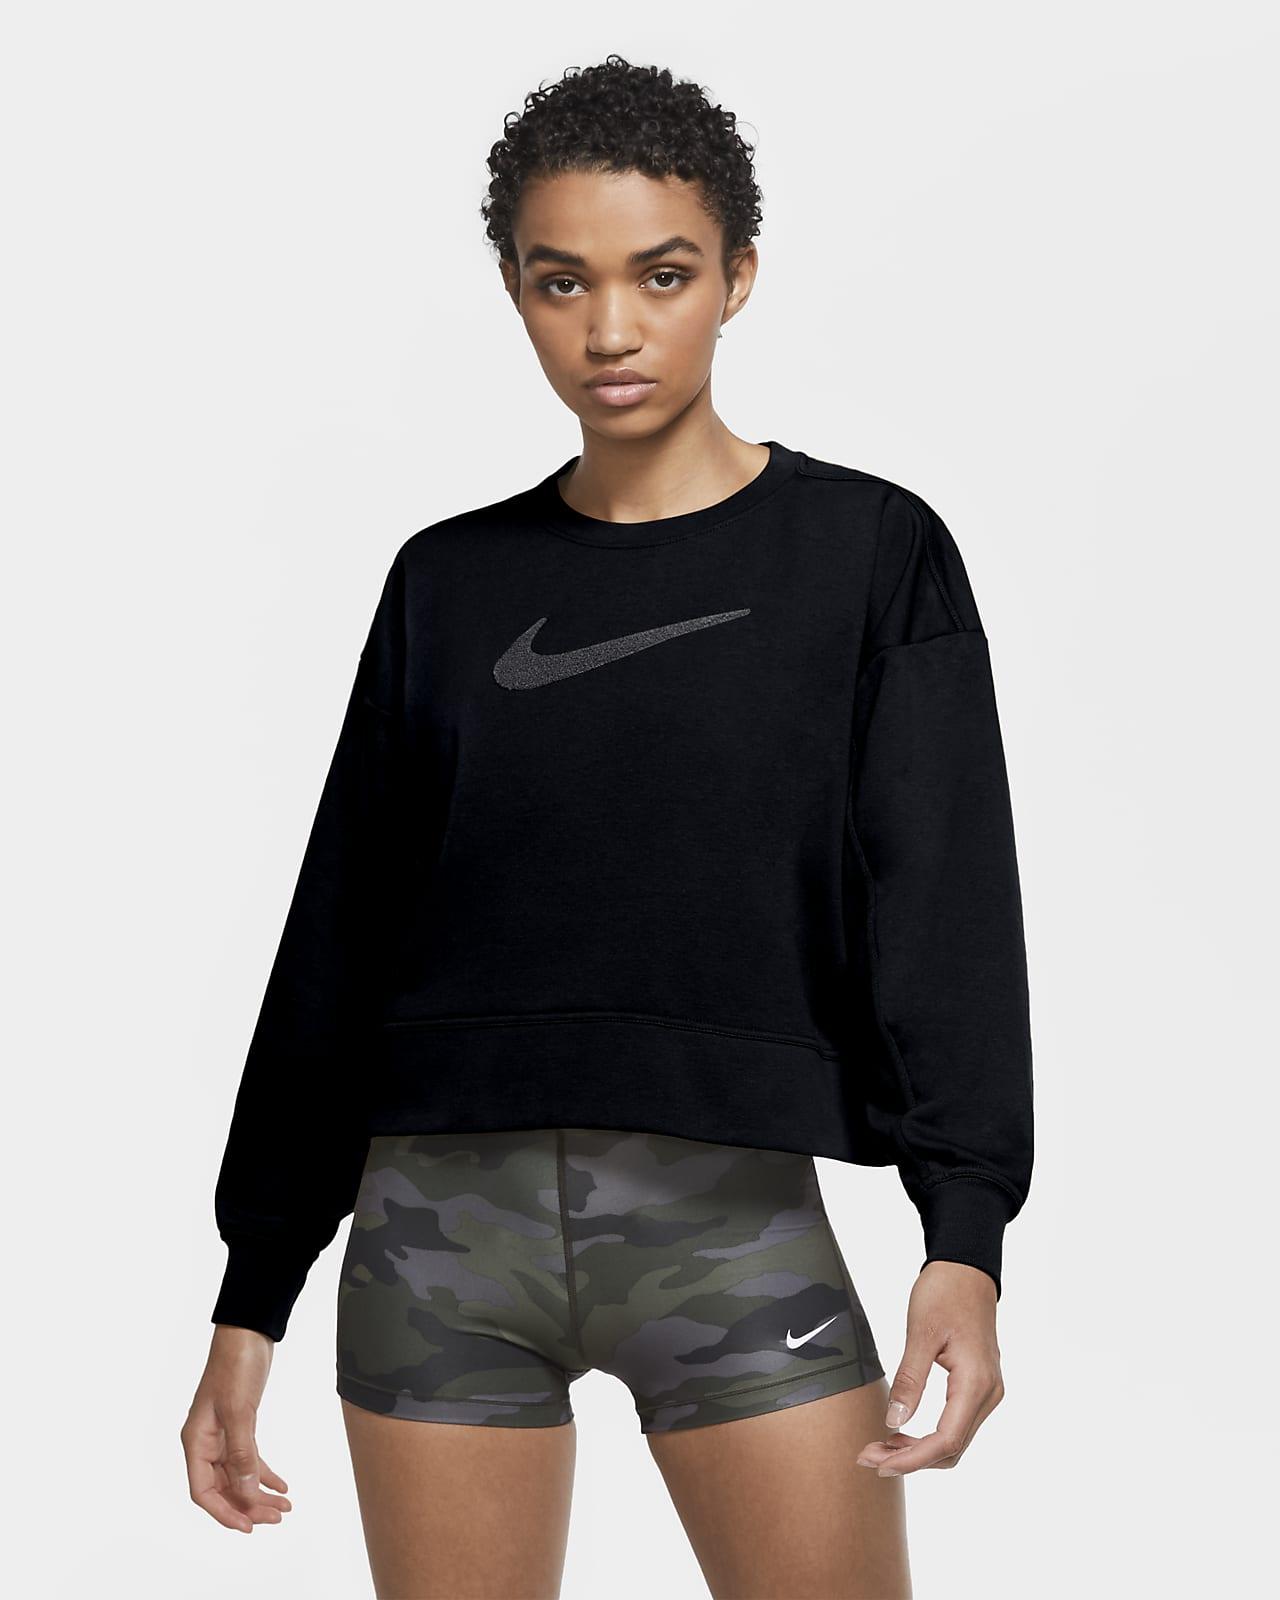 Haut de training Swoosh Nike Dri-FIT Get Fit pour Femme